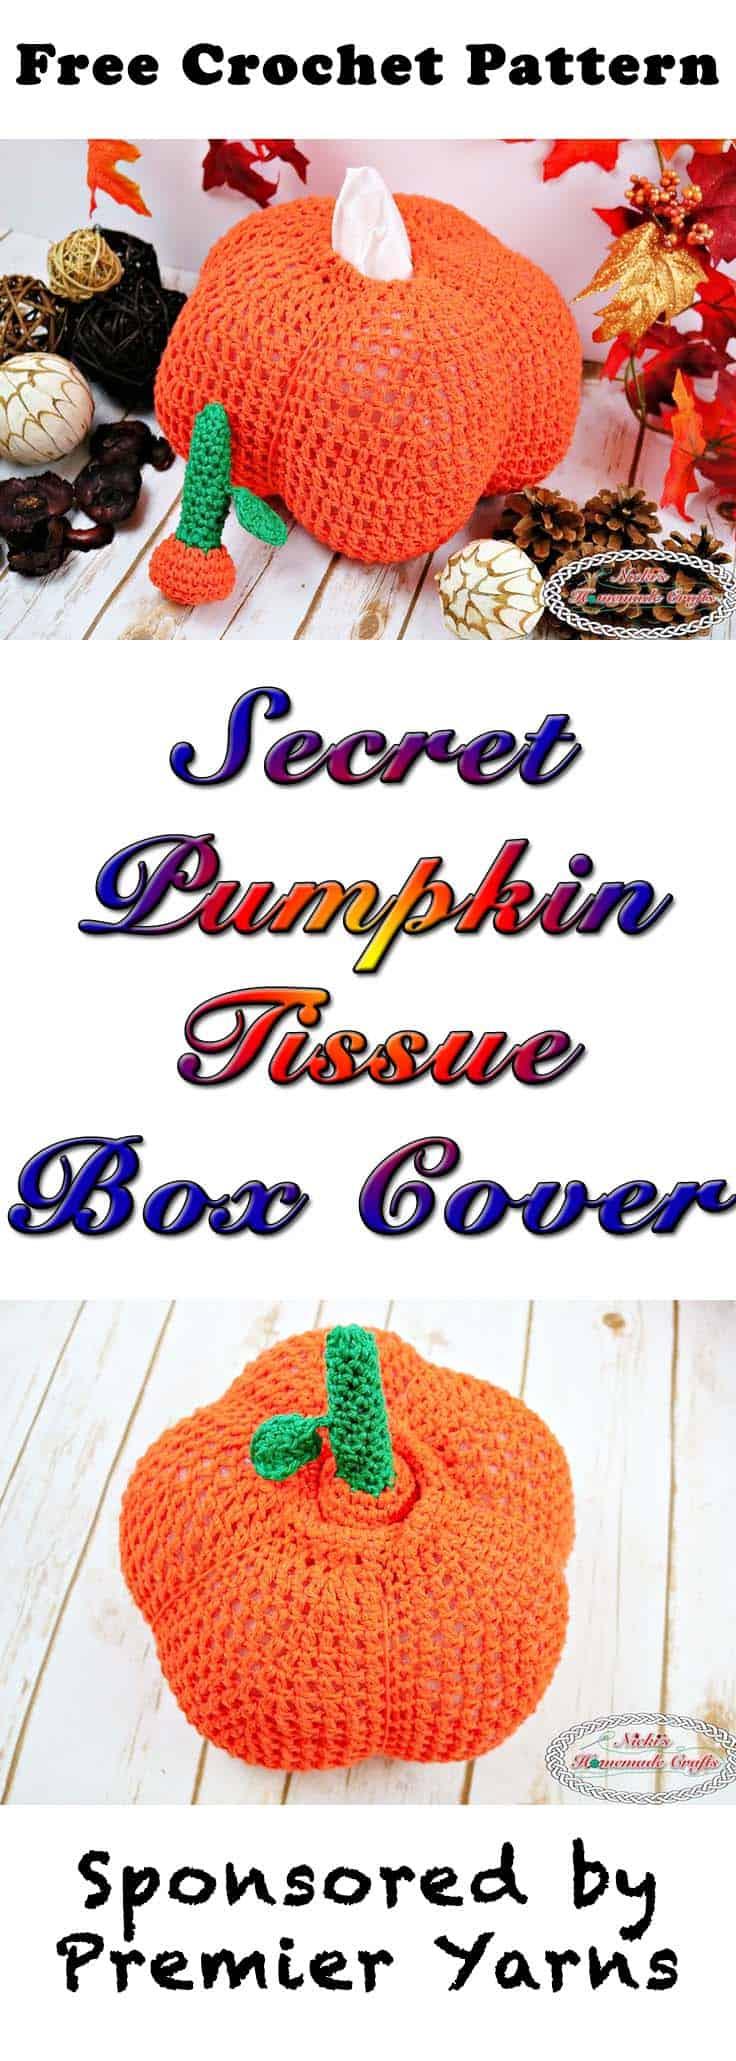 Secret Pumpkin Tissue Box Cover - Free Crochet Pattern - by Nicki's Homemade Crafts #crochet #tissuebox #pumpkin #freecrochetpattern #halloween #thanksgiving